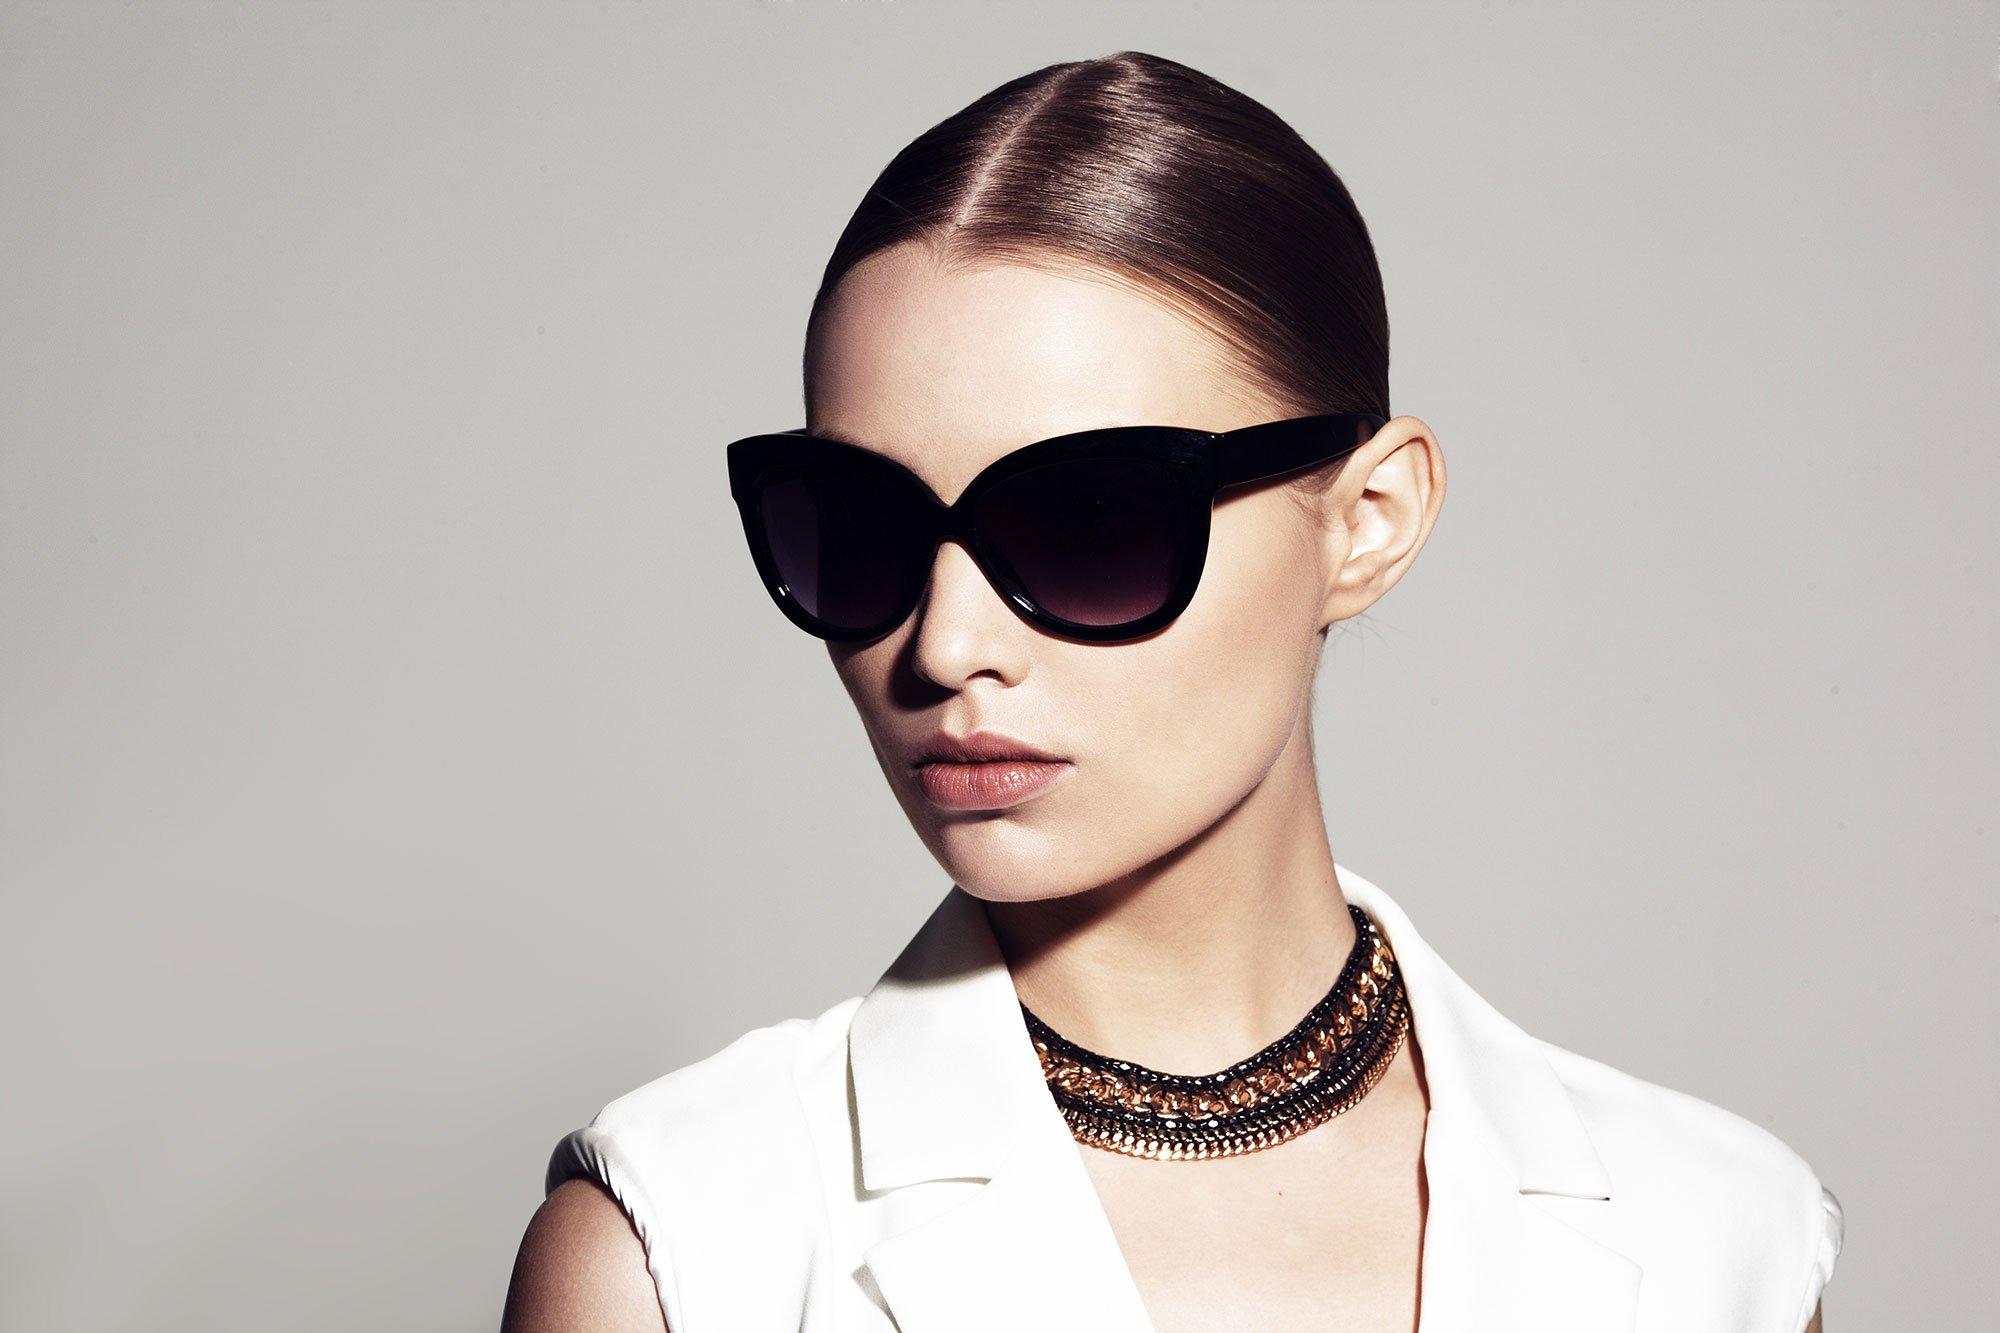 modella indossa occhiali da sole